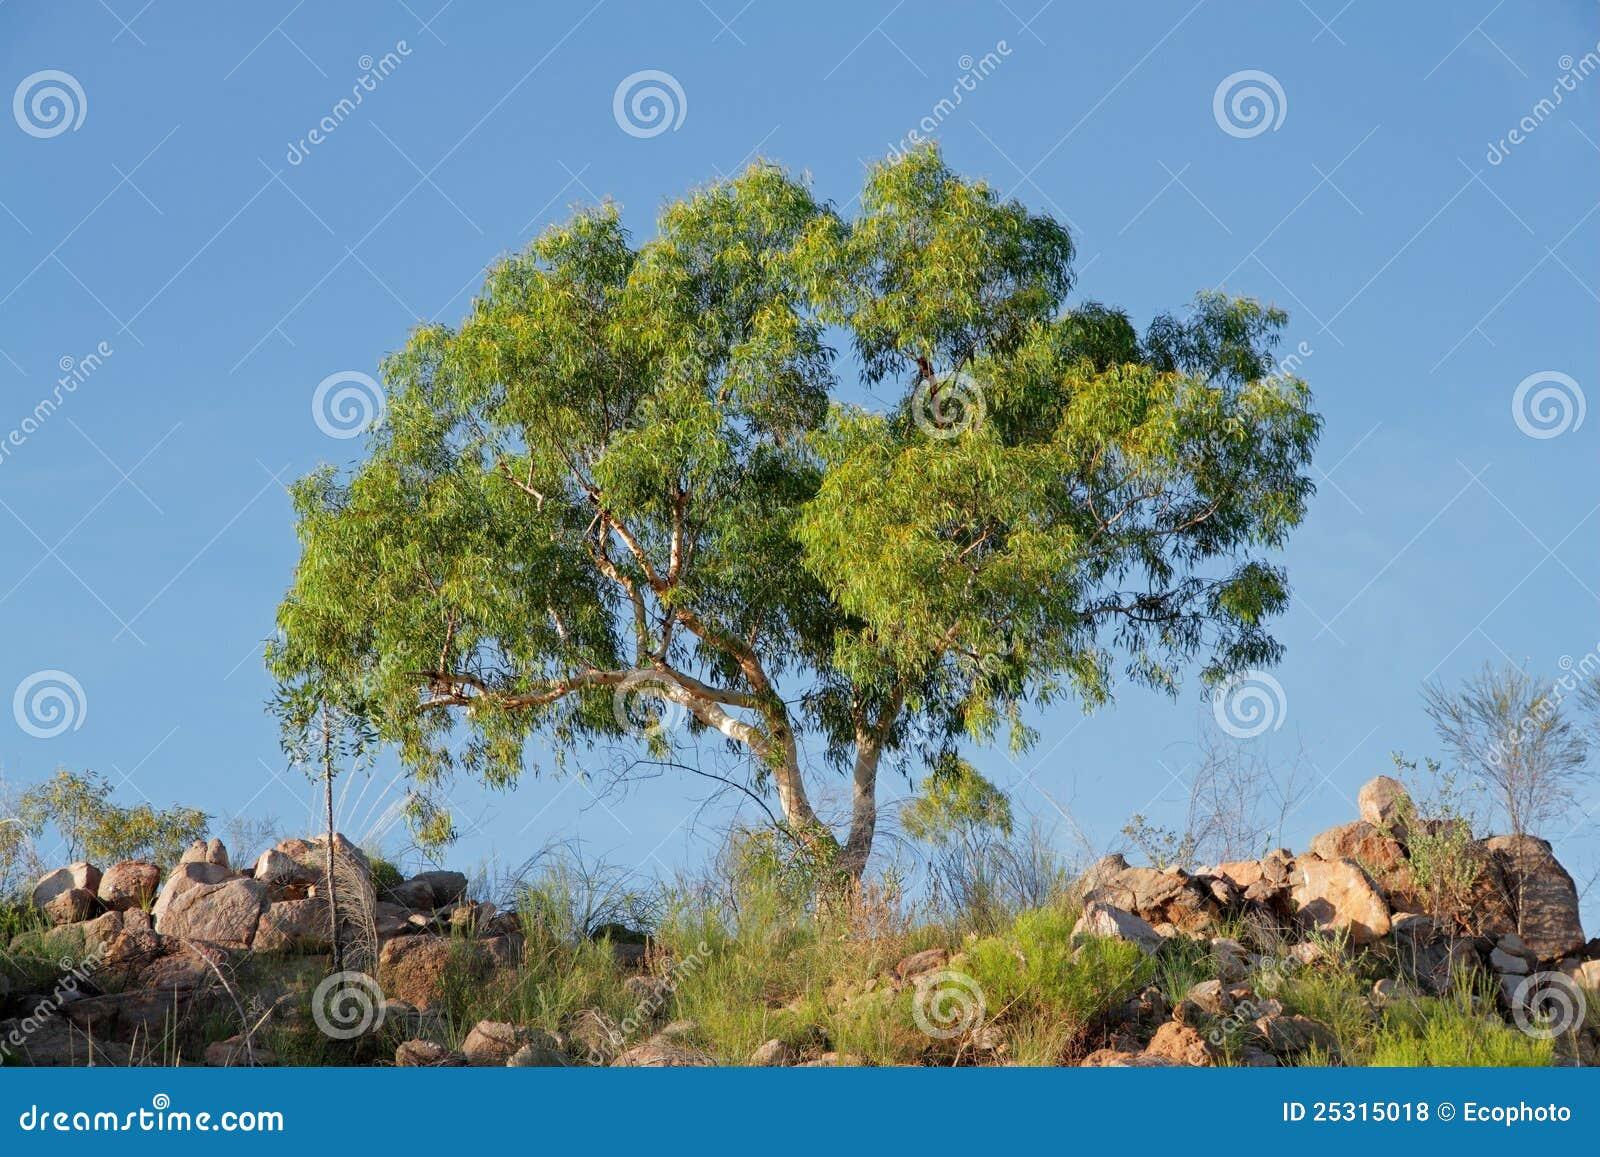 eukalyptusbaum stockfoto bild von baum frisch szenisch. Black Bedroom Furniture Sets. Home Design Ideas